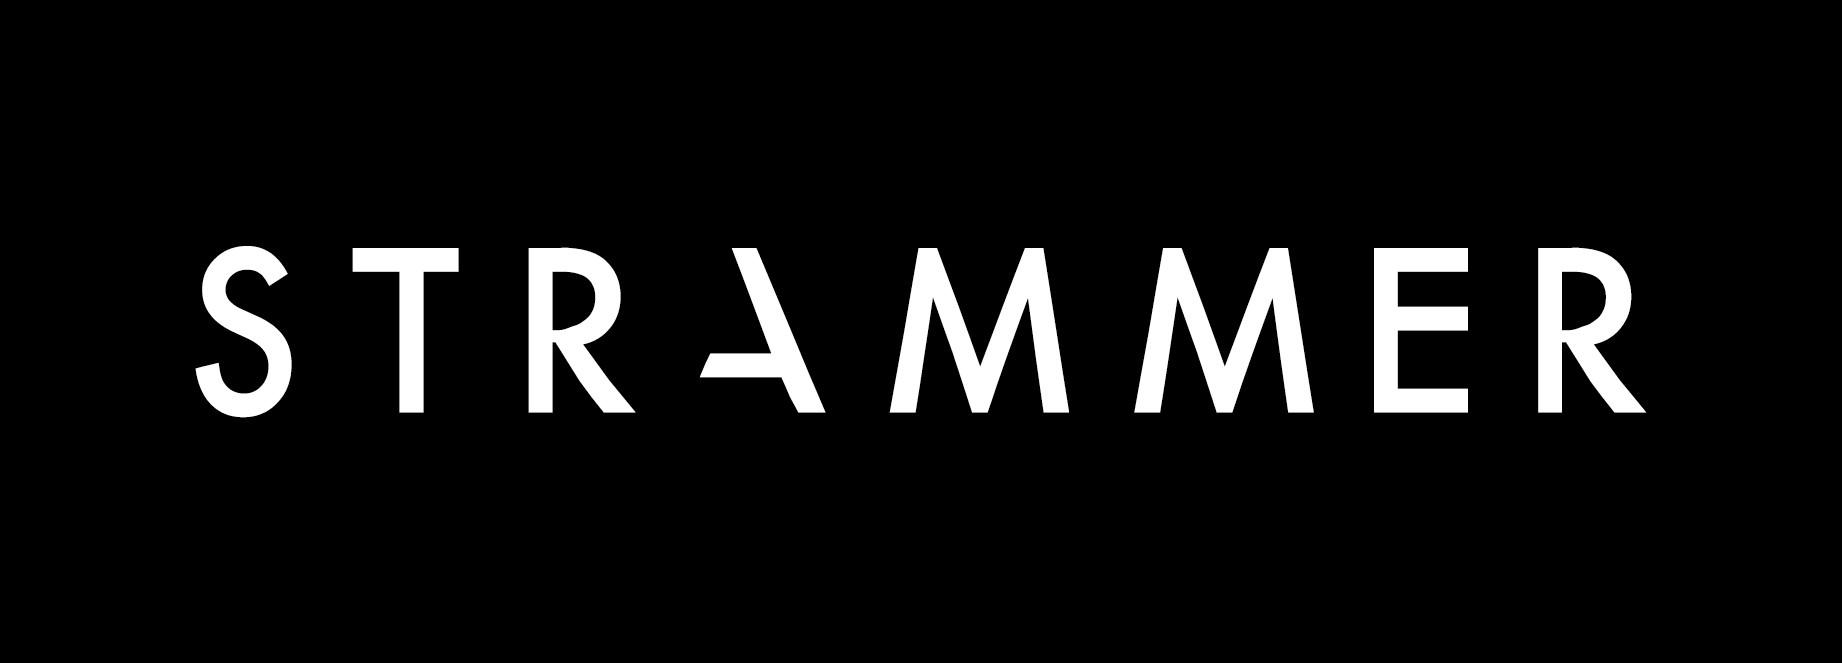 the Strammer logo.